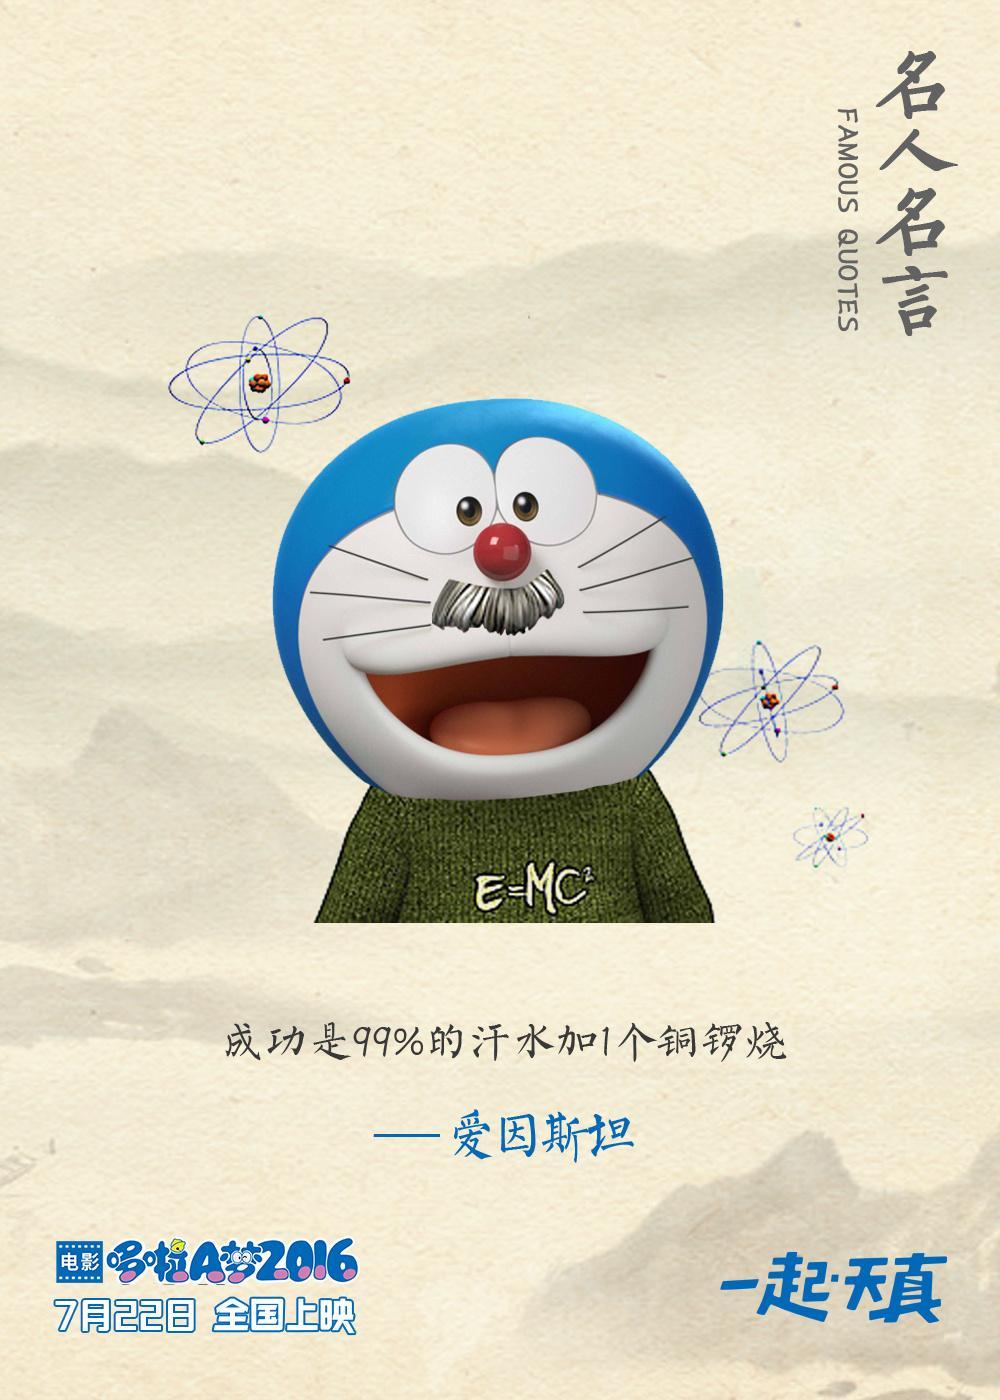 哆啦A梦:新·大雄的日本诞生1080p(2016)百度云迅雷下载